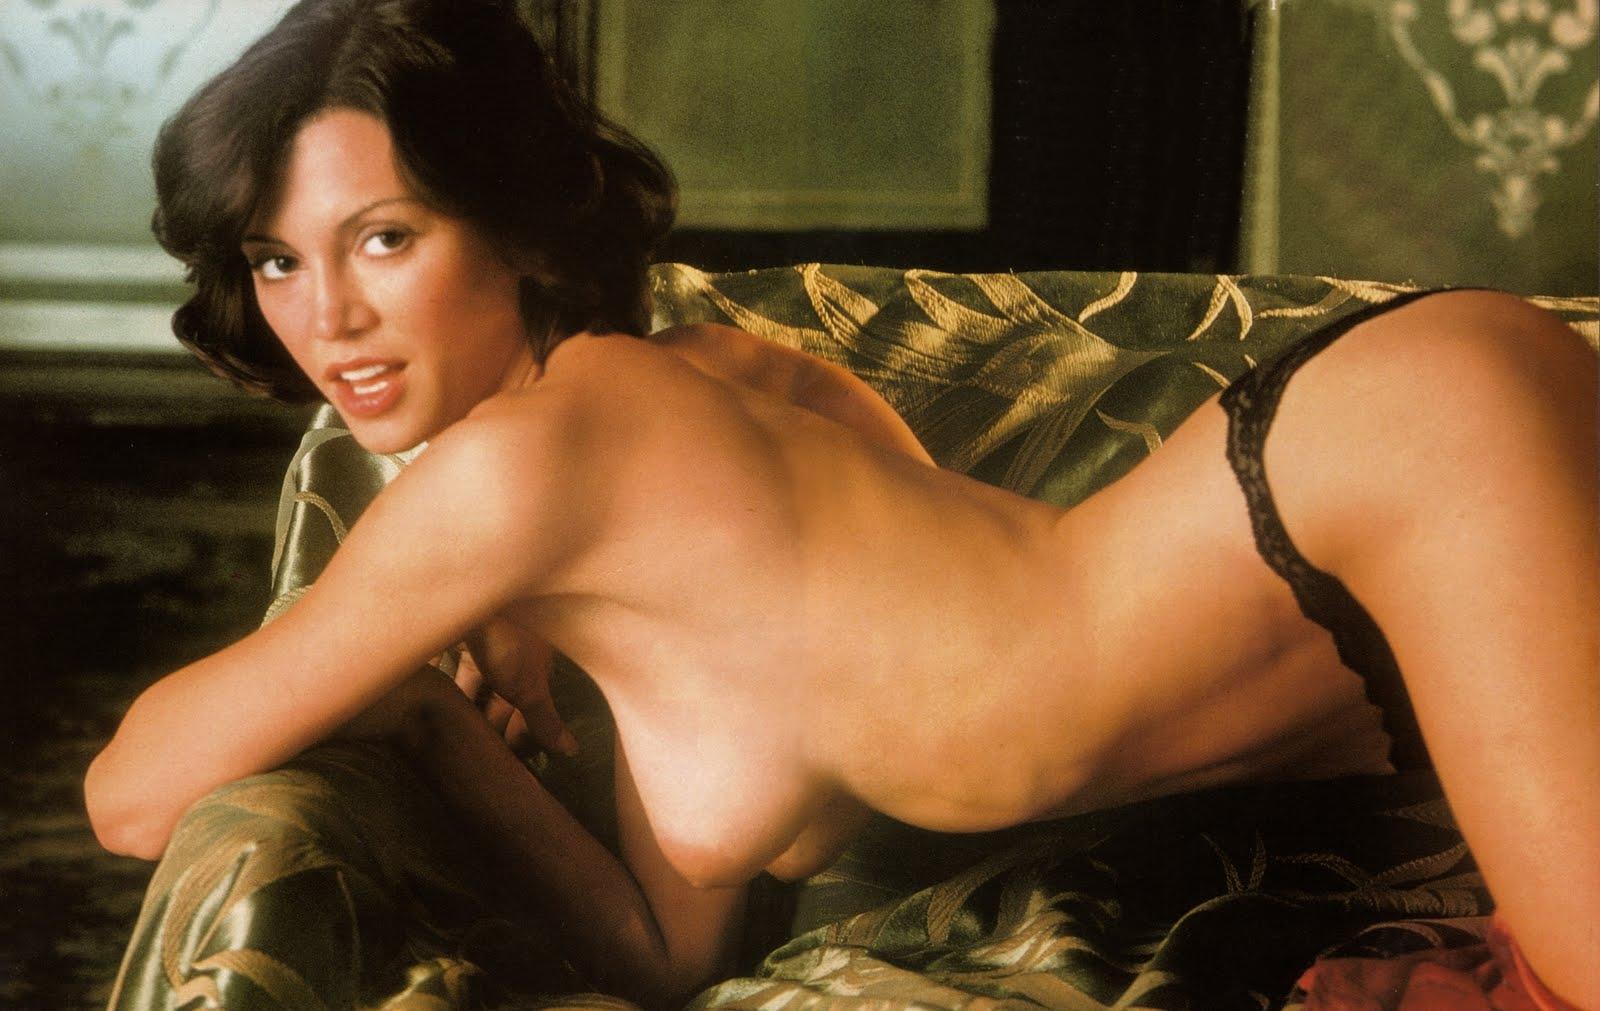 Victoria Principle Nude Pussy 113